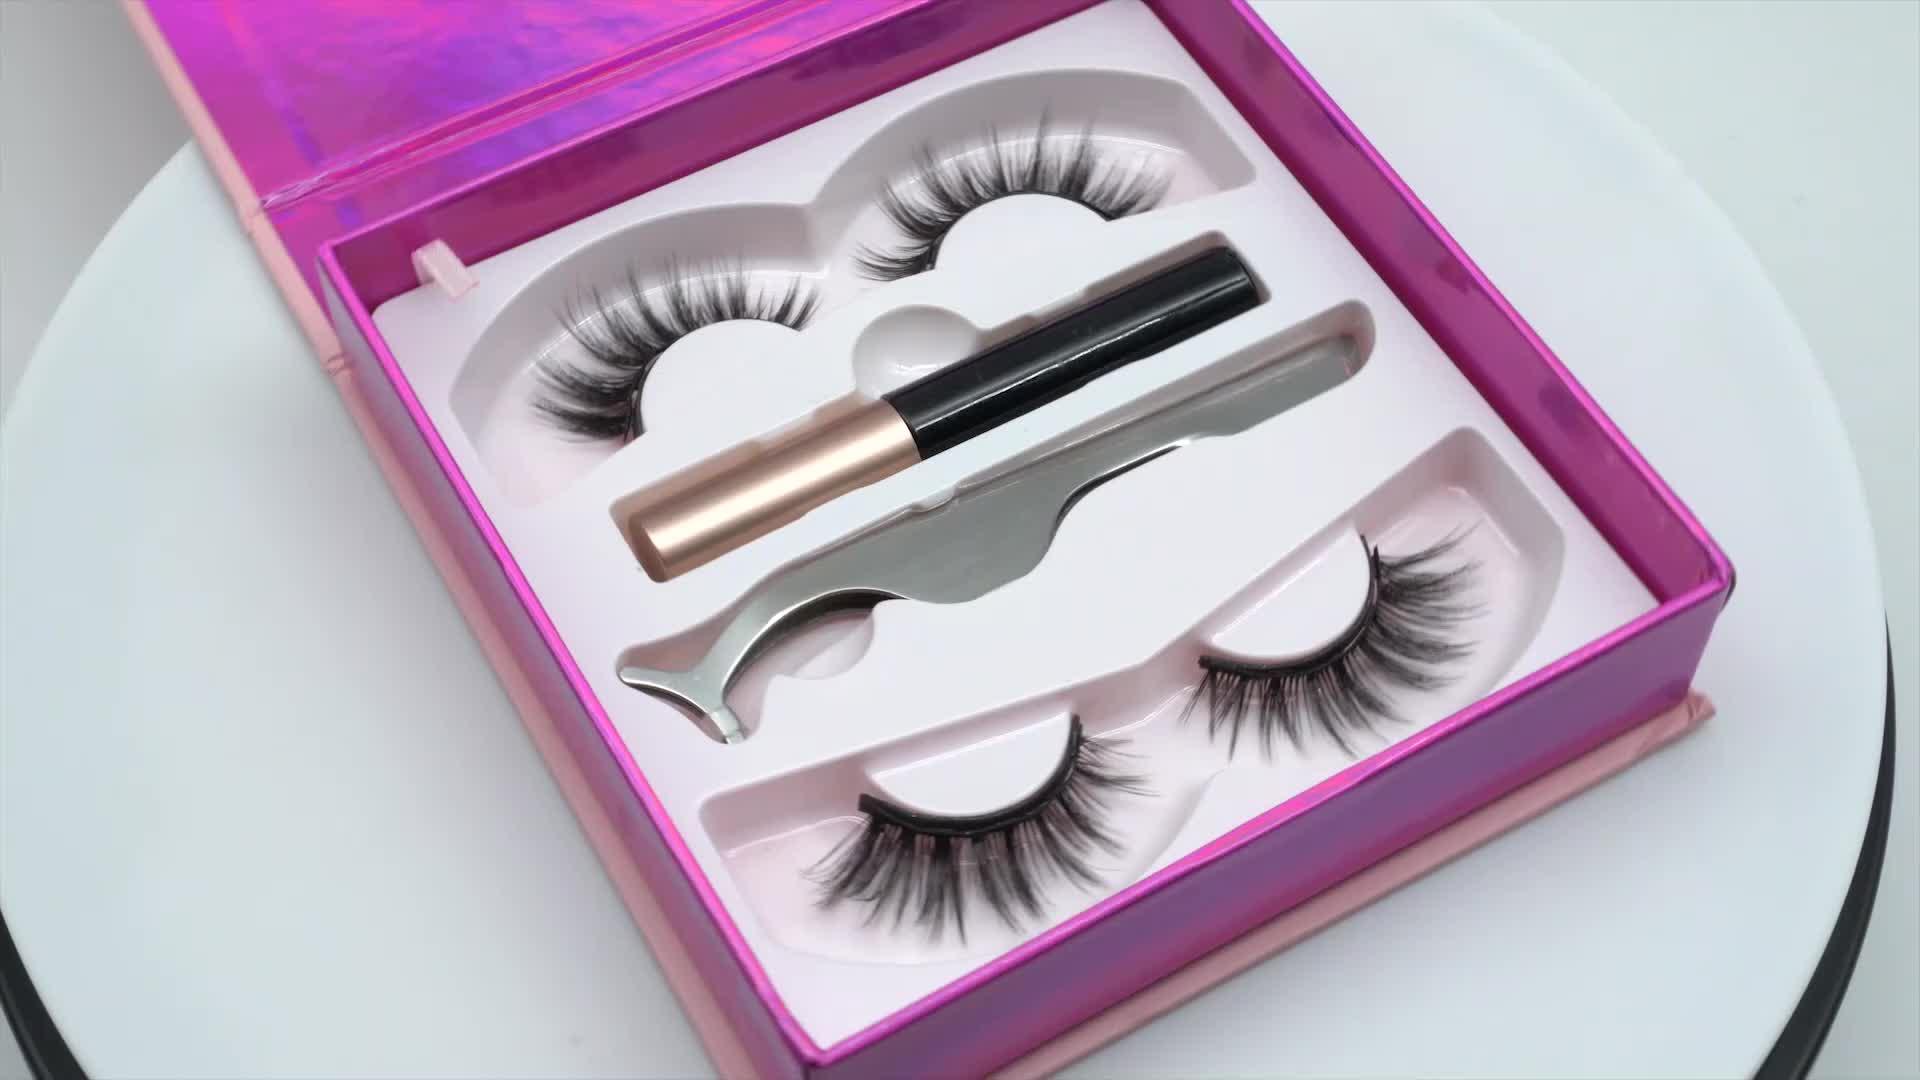 Sıcak satış manyetik kirpik sıvı manyetik eyeliner ve kirpik uygulayıcısı seti